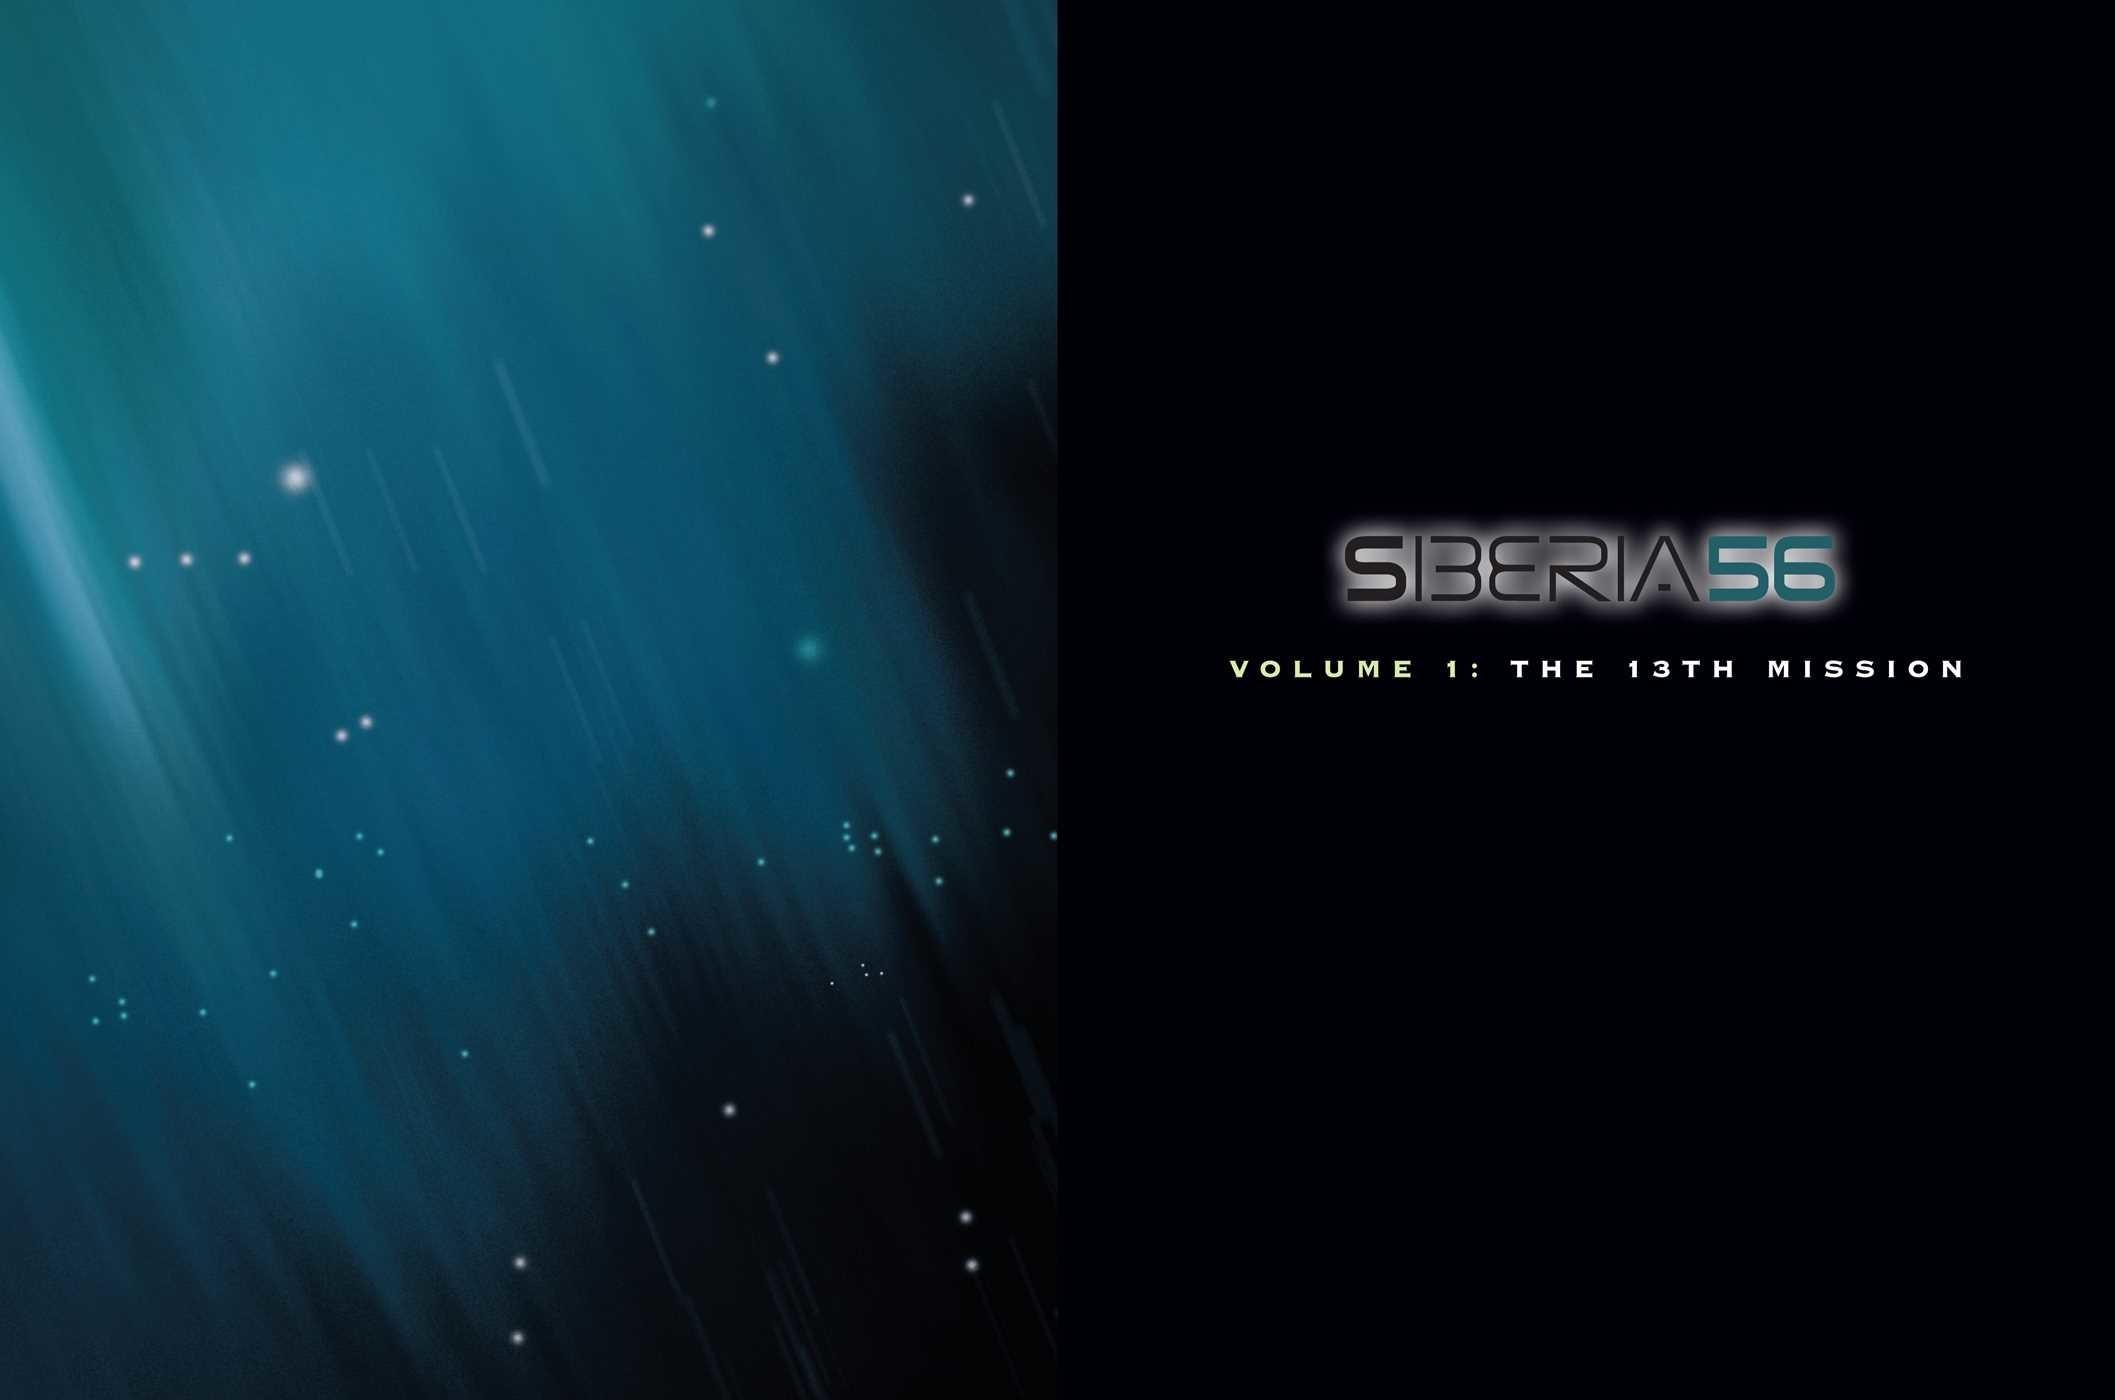 Siberia 56 9781608878611.in01